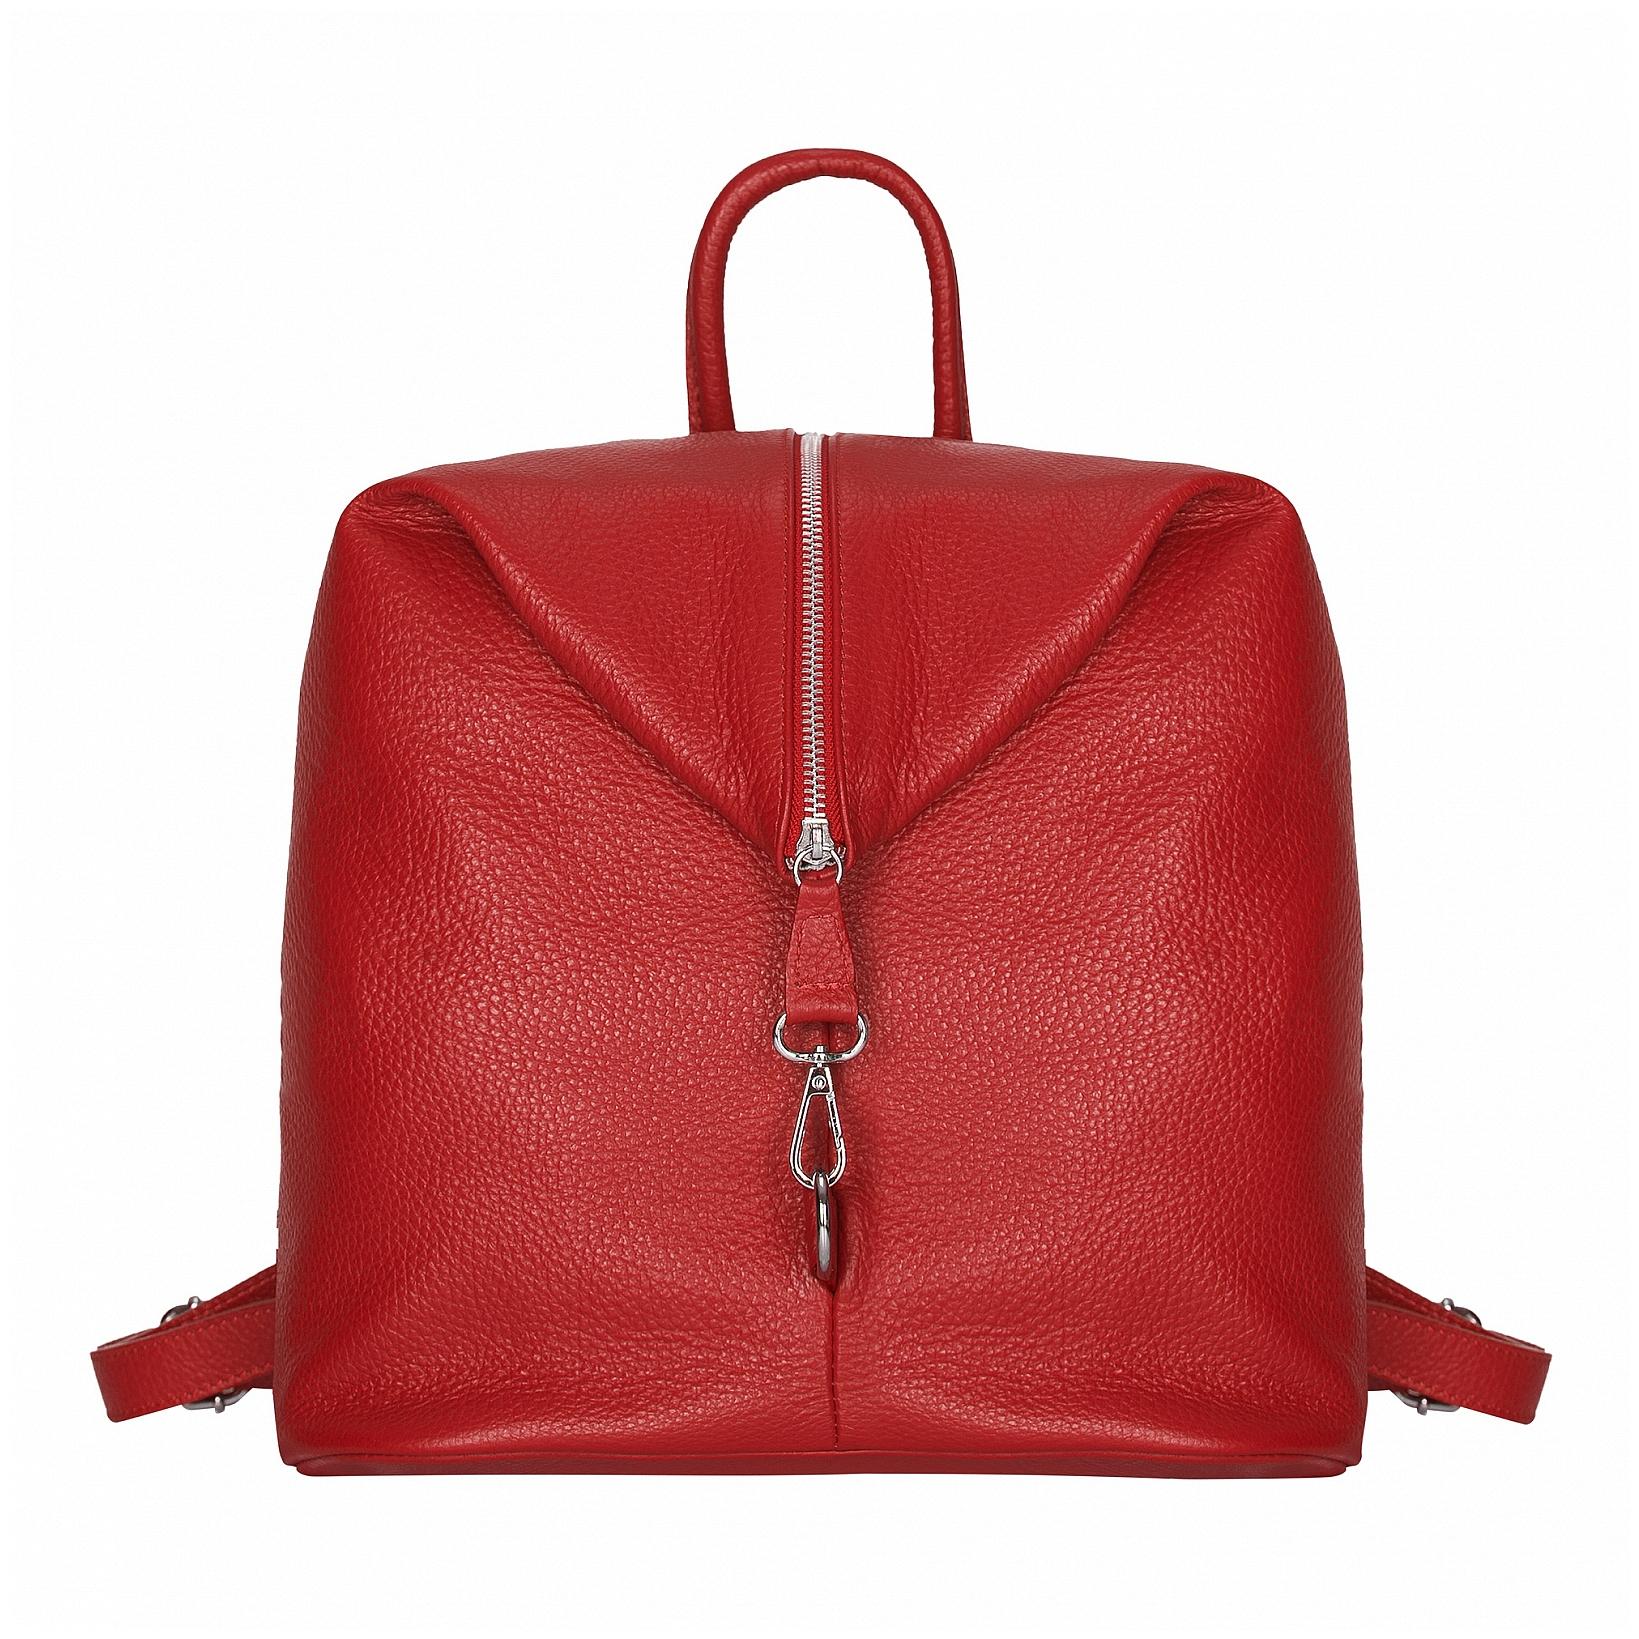 ESTELLE Dámský kožený batoh 1252 červený